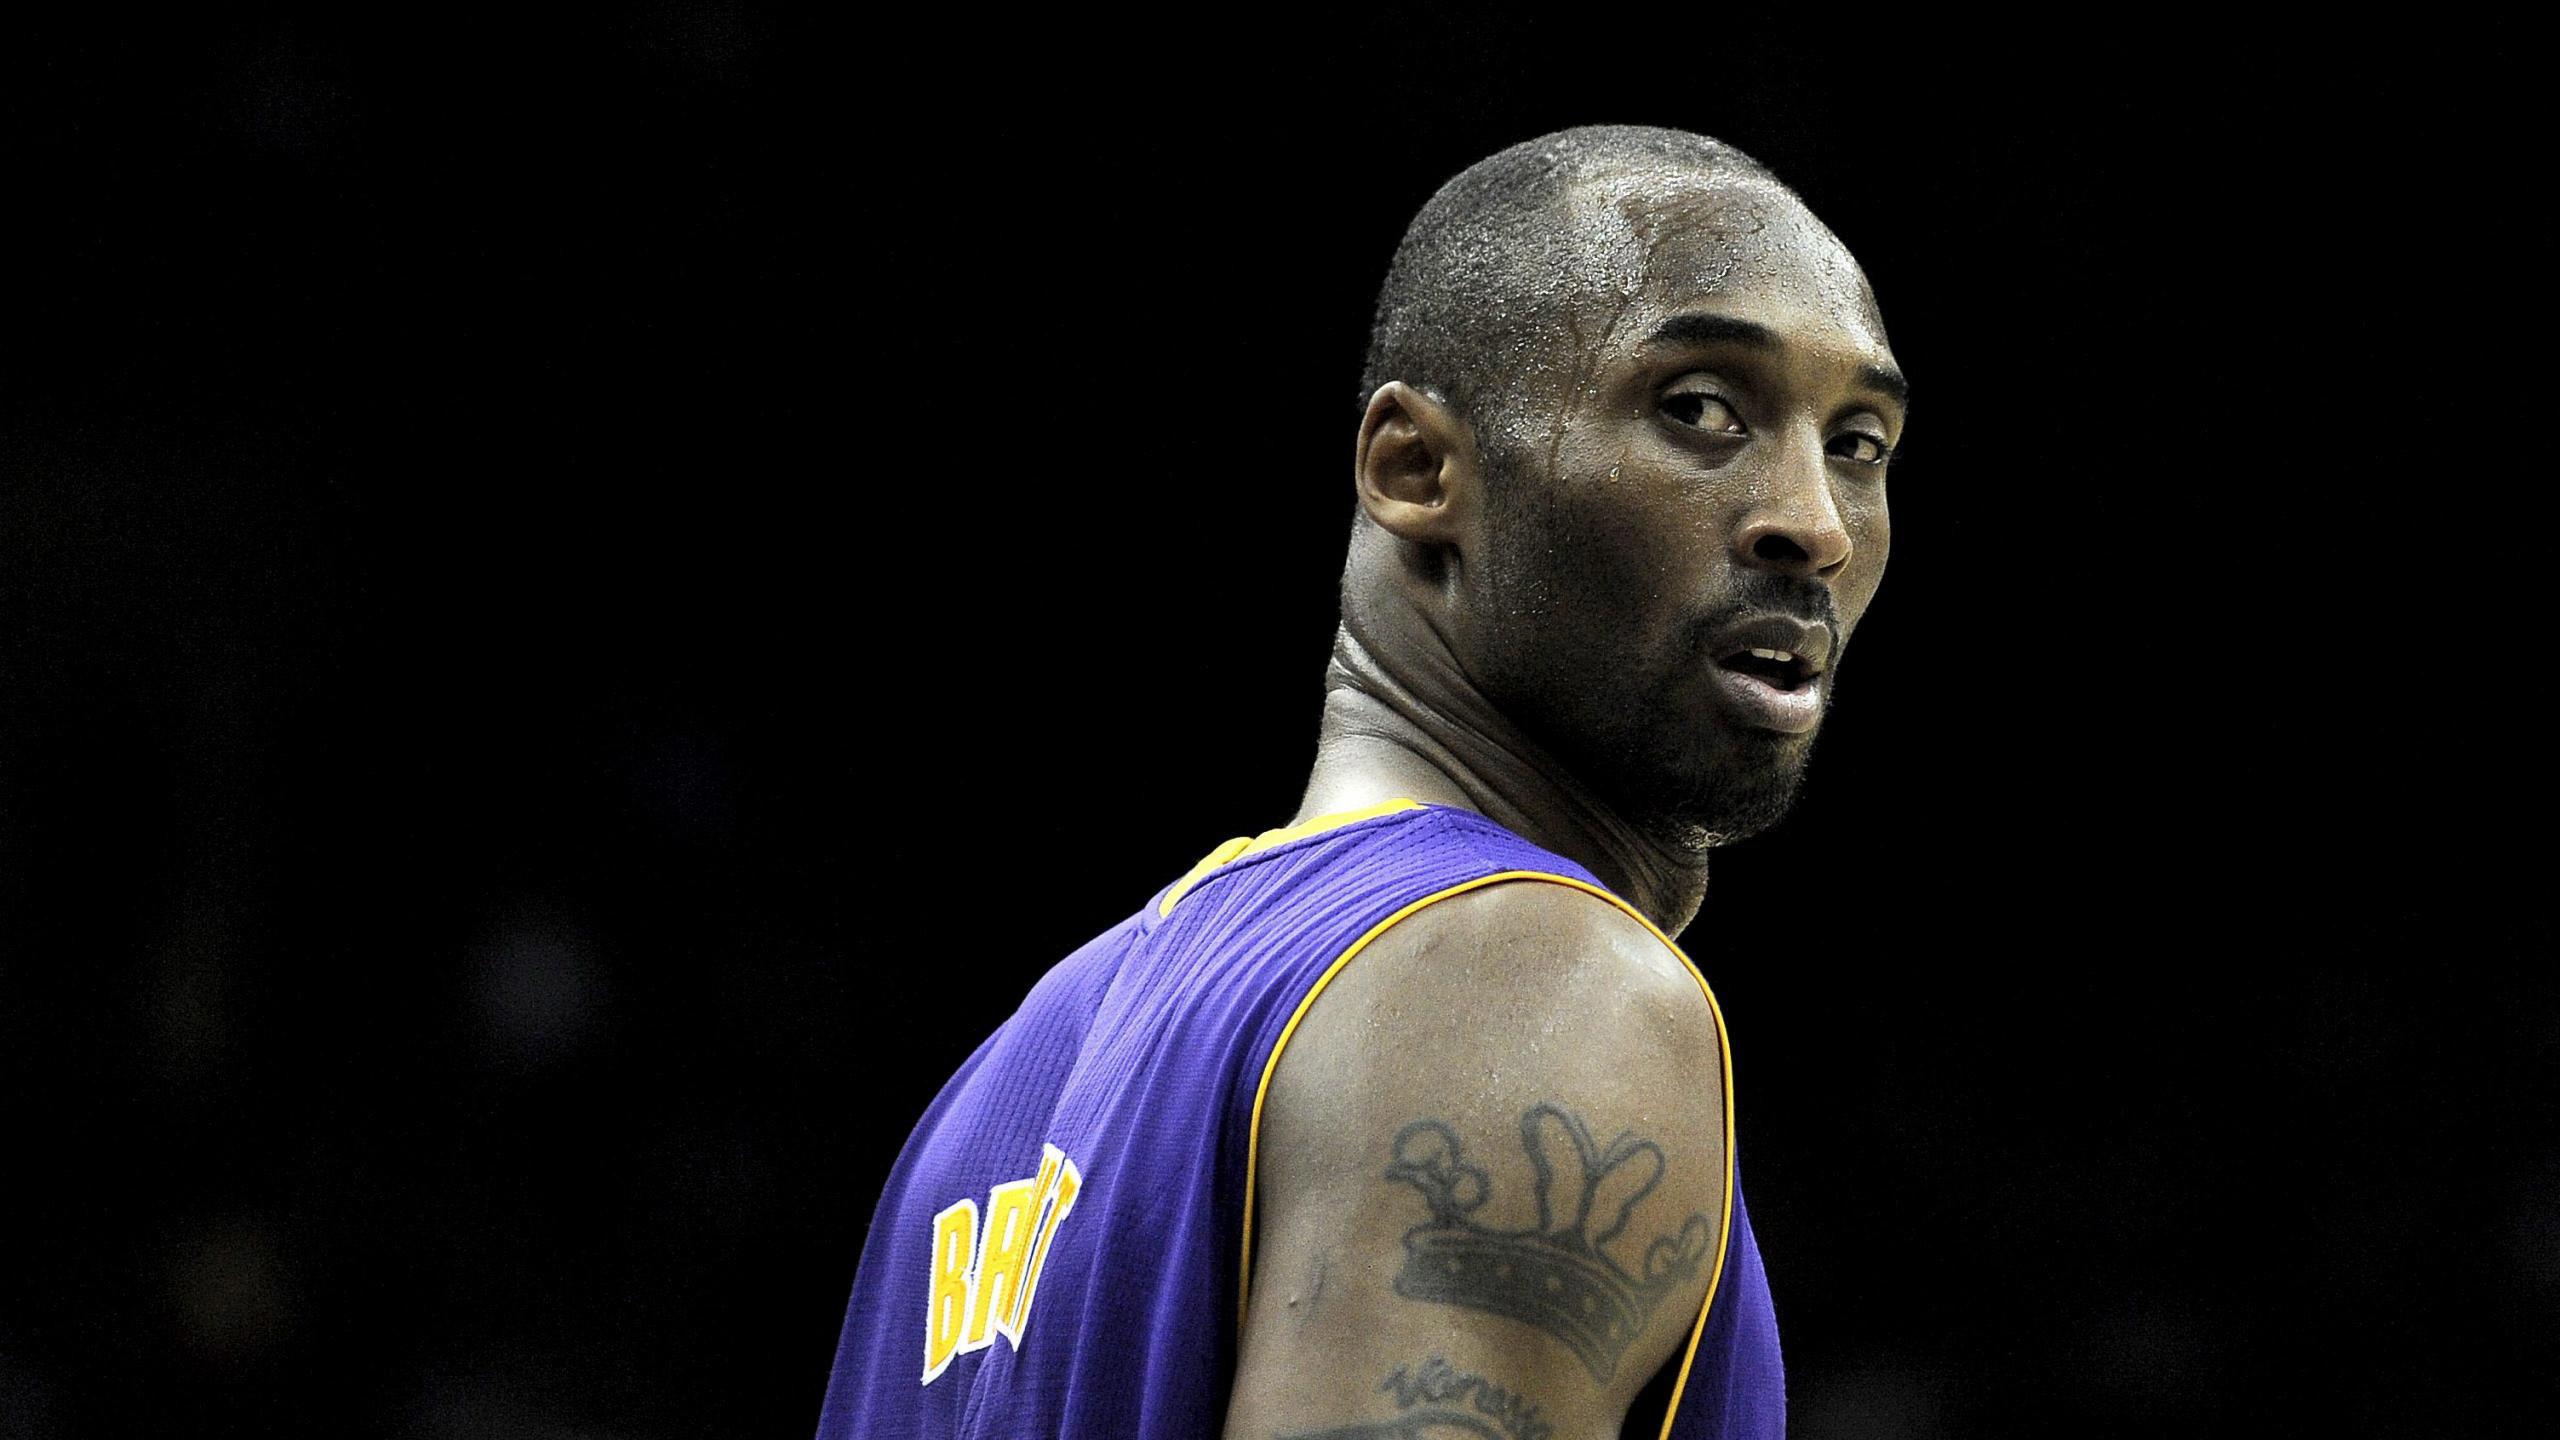 Kobe Bryant, l'uomo e lo sportivo dall'indelebile eredità